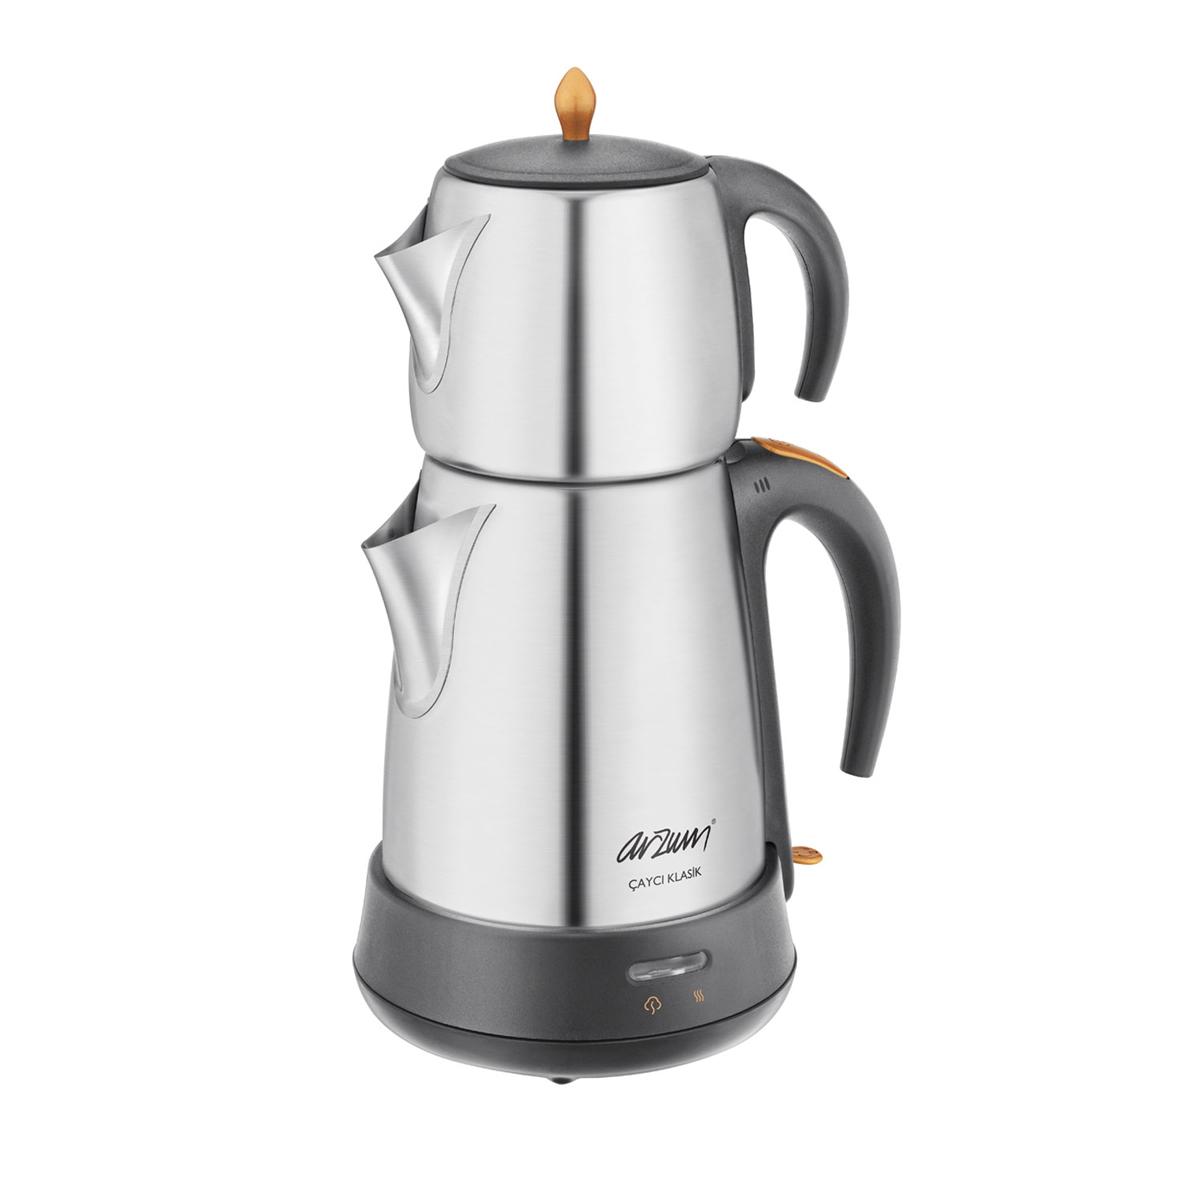 Arzum Çaycı Klasik Çay Makinesi - Inox